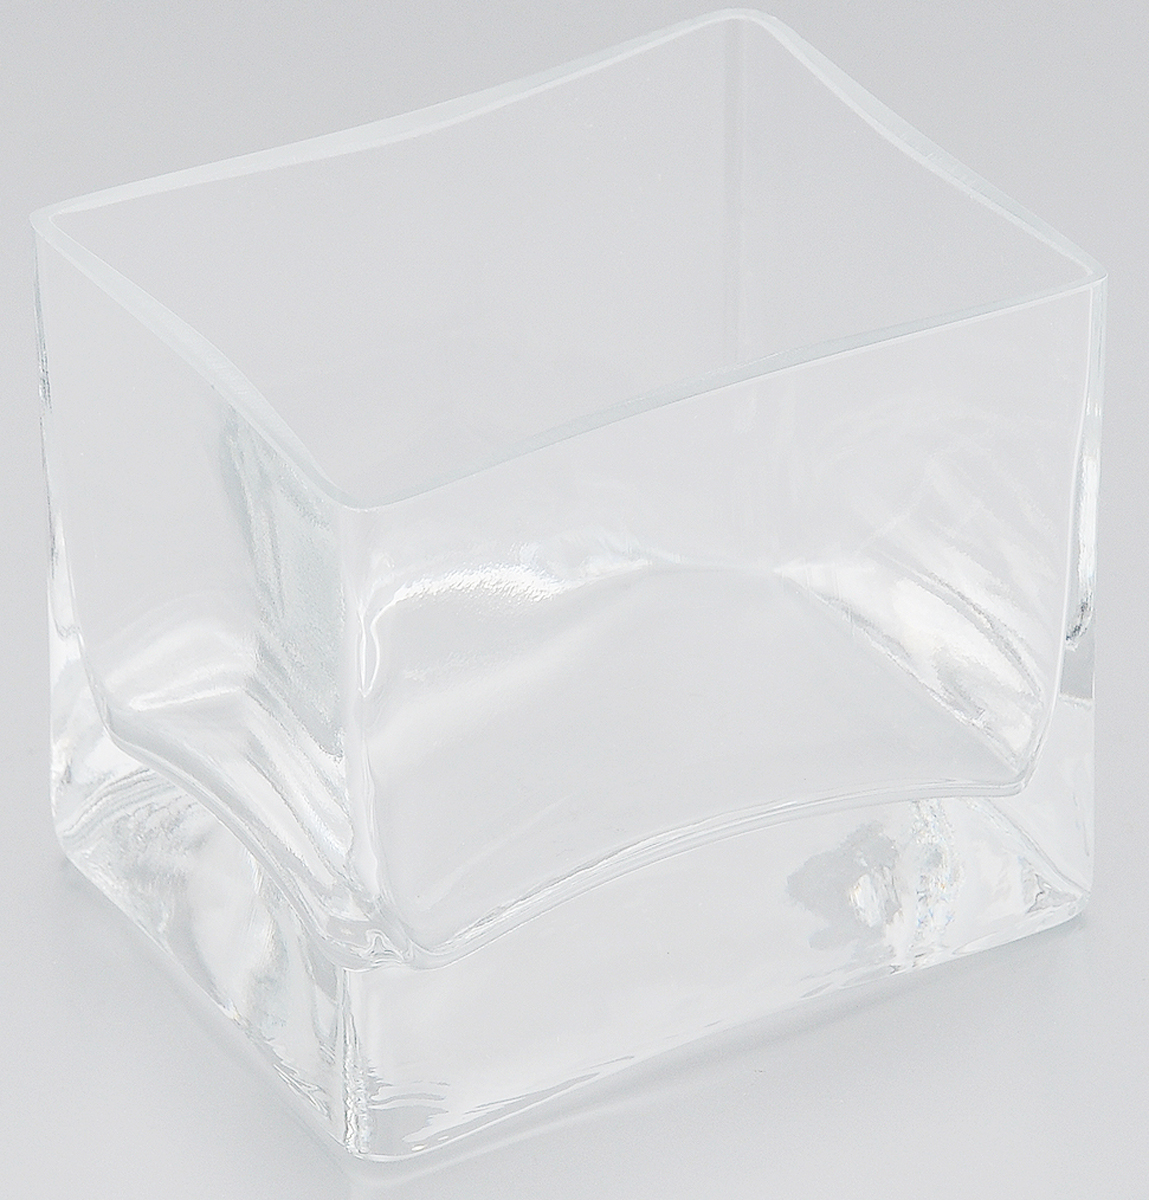 """Элегантная ваза Pasabahce """"Botanica"""" выполнена из высококачественного натрий-кальций-силикатного стекла.Изделие придется по вкусу и ценителям классики, и тем, кто предпочитает утонченность и изящность. Вы можете поставить вазу в любом месте, где она будет удачно смотреться и радовать глаз. Такая ваза подойдет для декора интерьера. Кроме того - это отличный вариант подарка для ваших близких и друзей. Можно мыть в посудомоечной машине.Высота вазы: 8,5 см.Размер вазы (по верхнему краю): 9,5 х 7,5 см."""